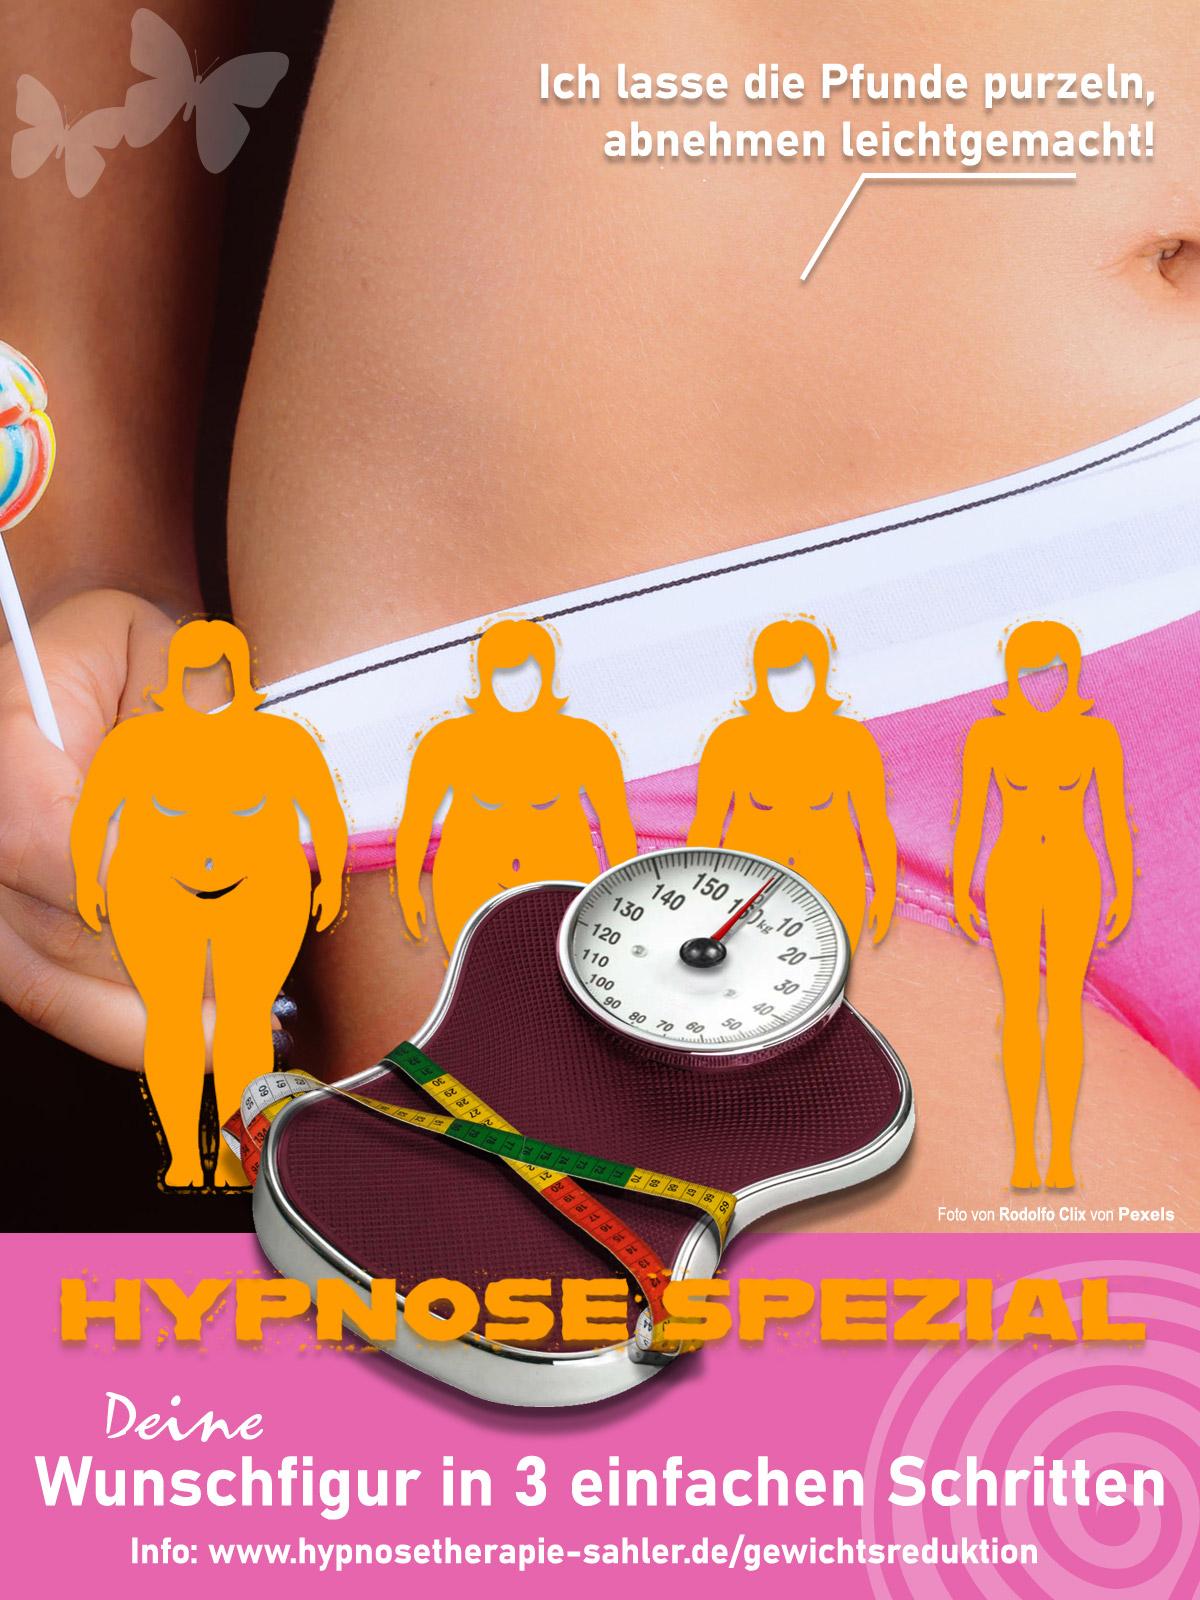 Gewichtsreduktion - Abnehmen leichtgemacht mit NLP und Hypnose